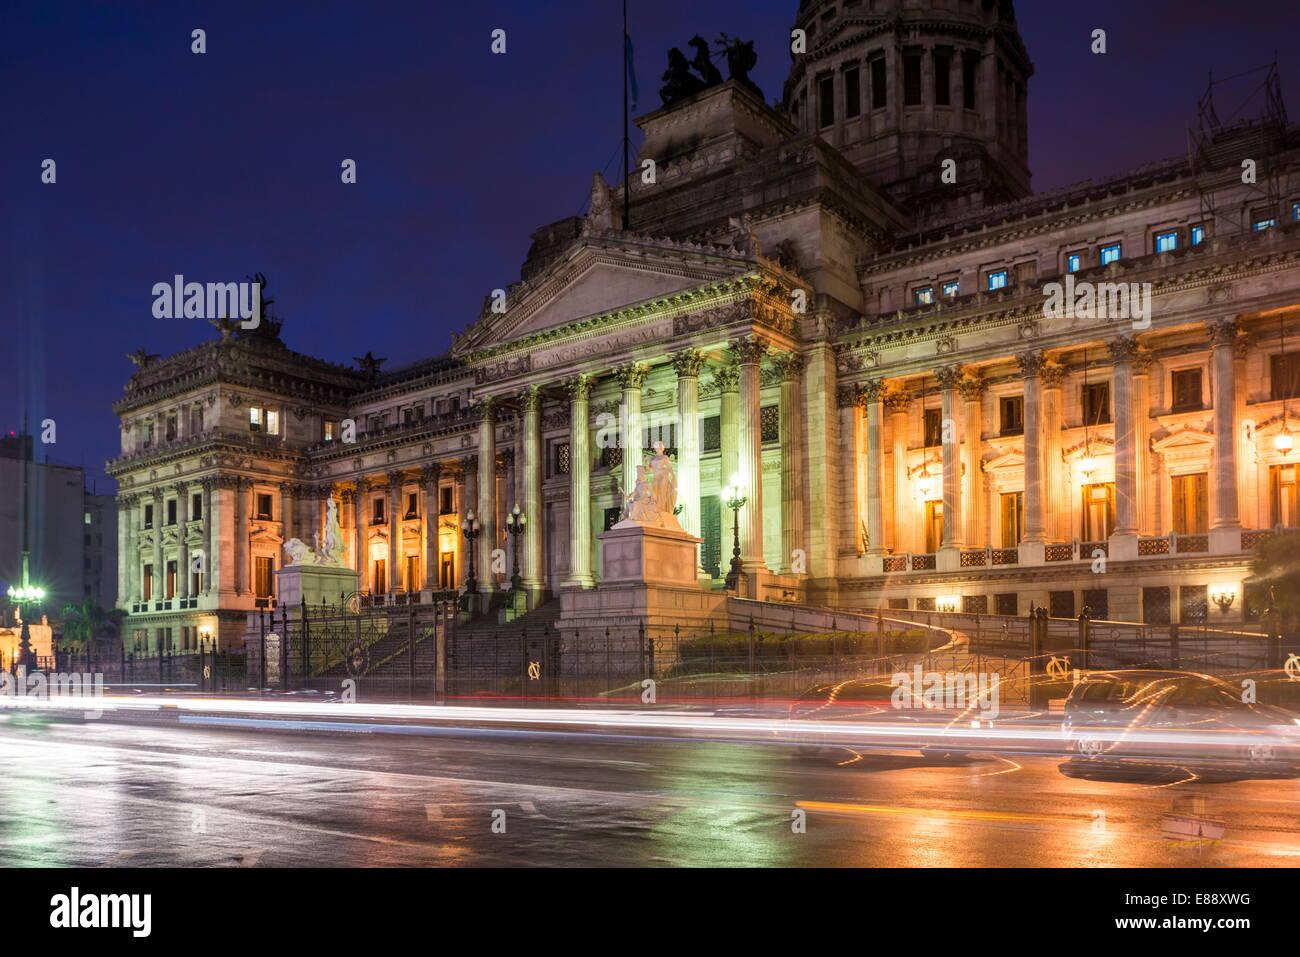 Palacio del Congreso at night, Buenos Aires, Argentina, South America - Stock Image